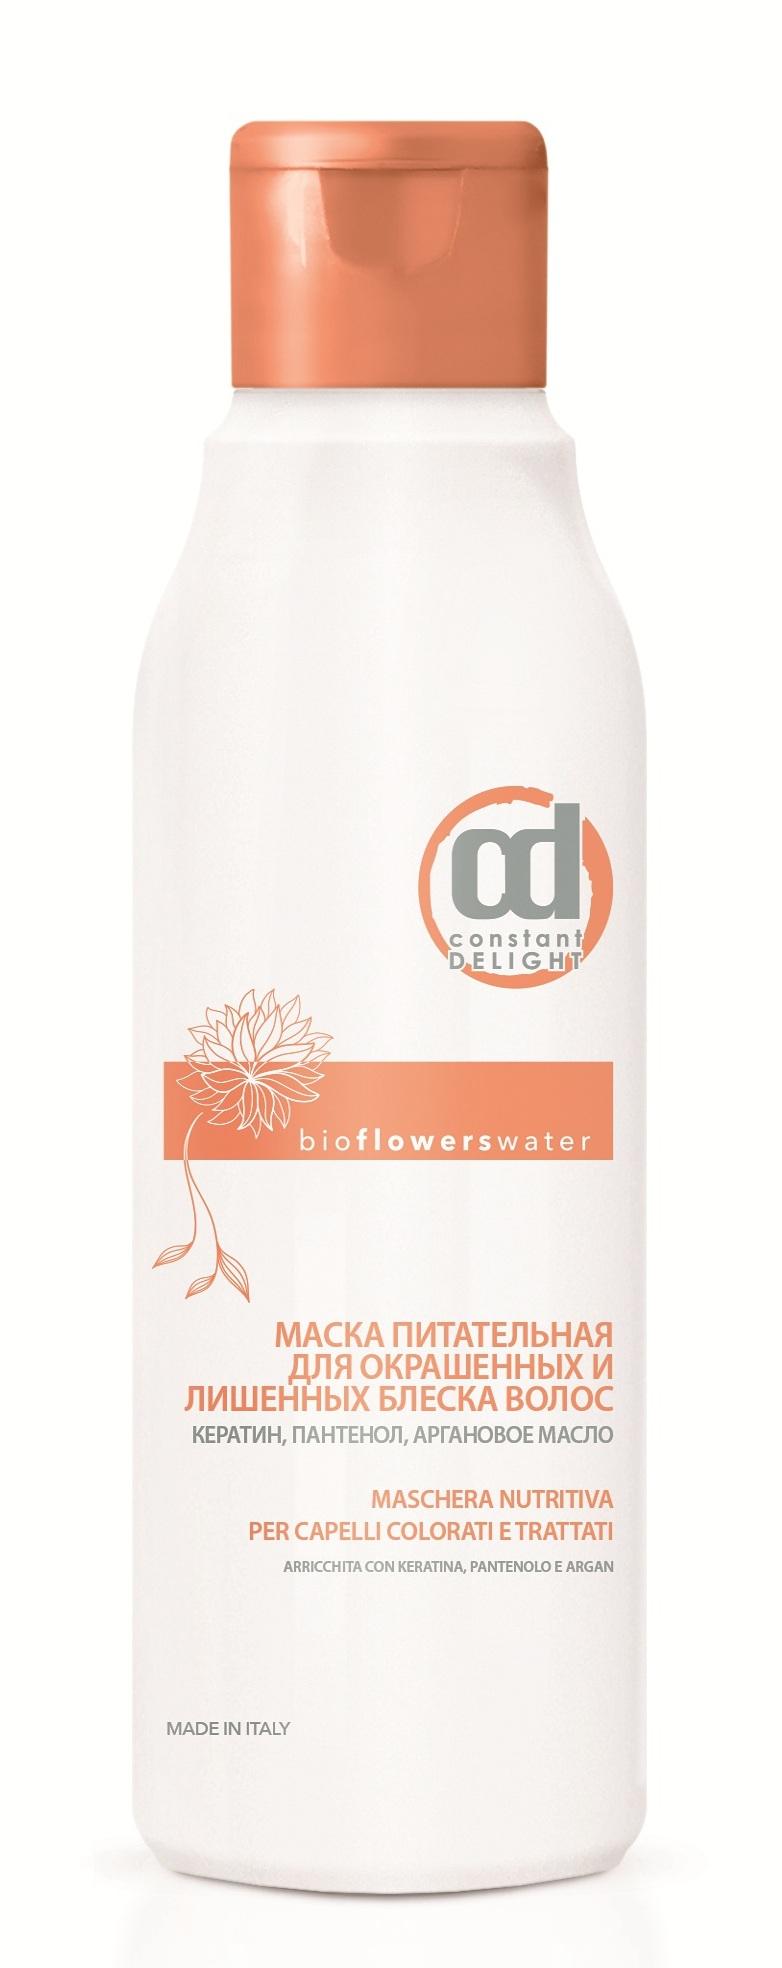 Купить CONSTANT DELIGHT Маска питательная для окрашенных и лишенных блеска волос / BIO FLOWER 250 мл